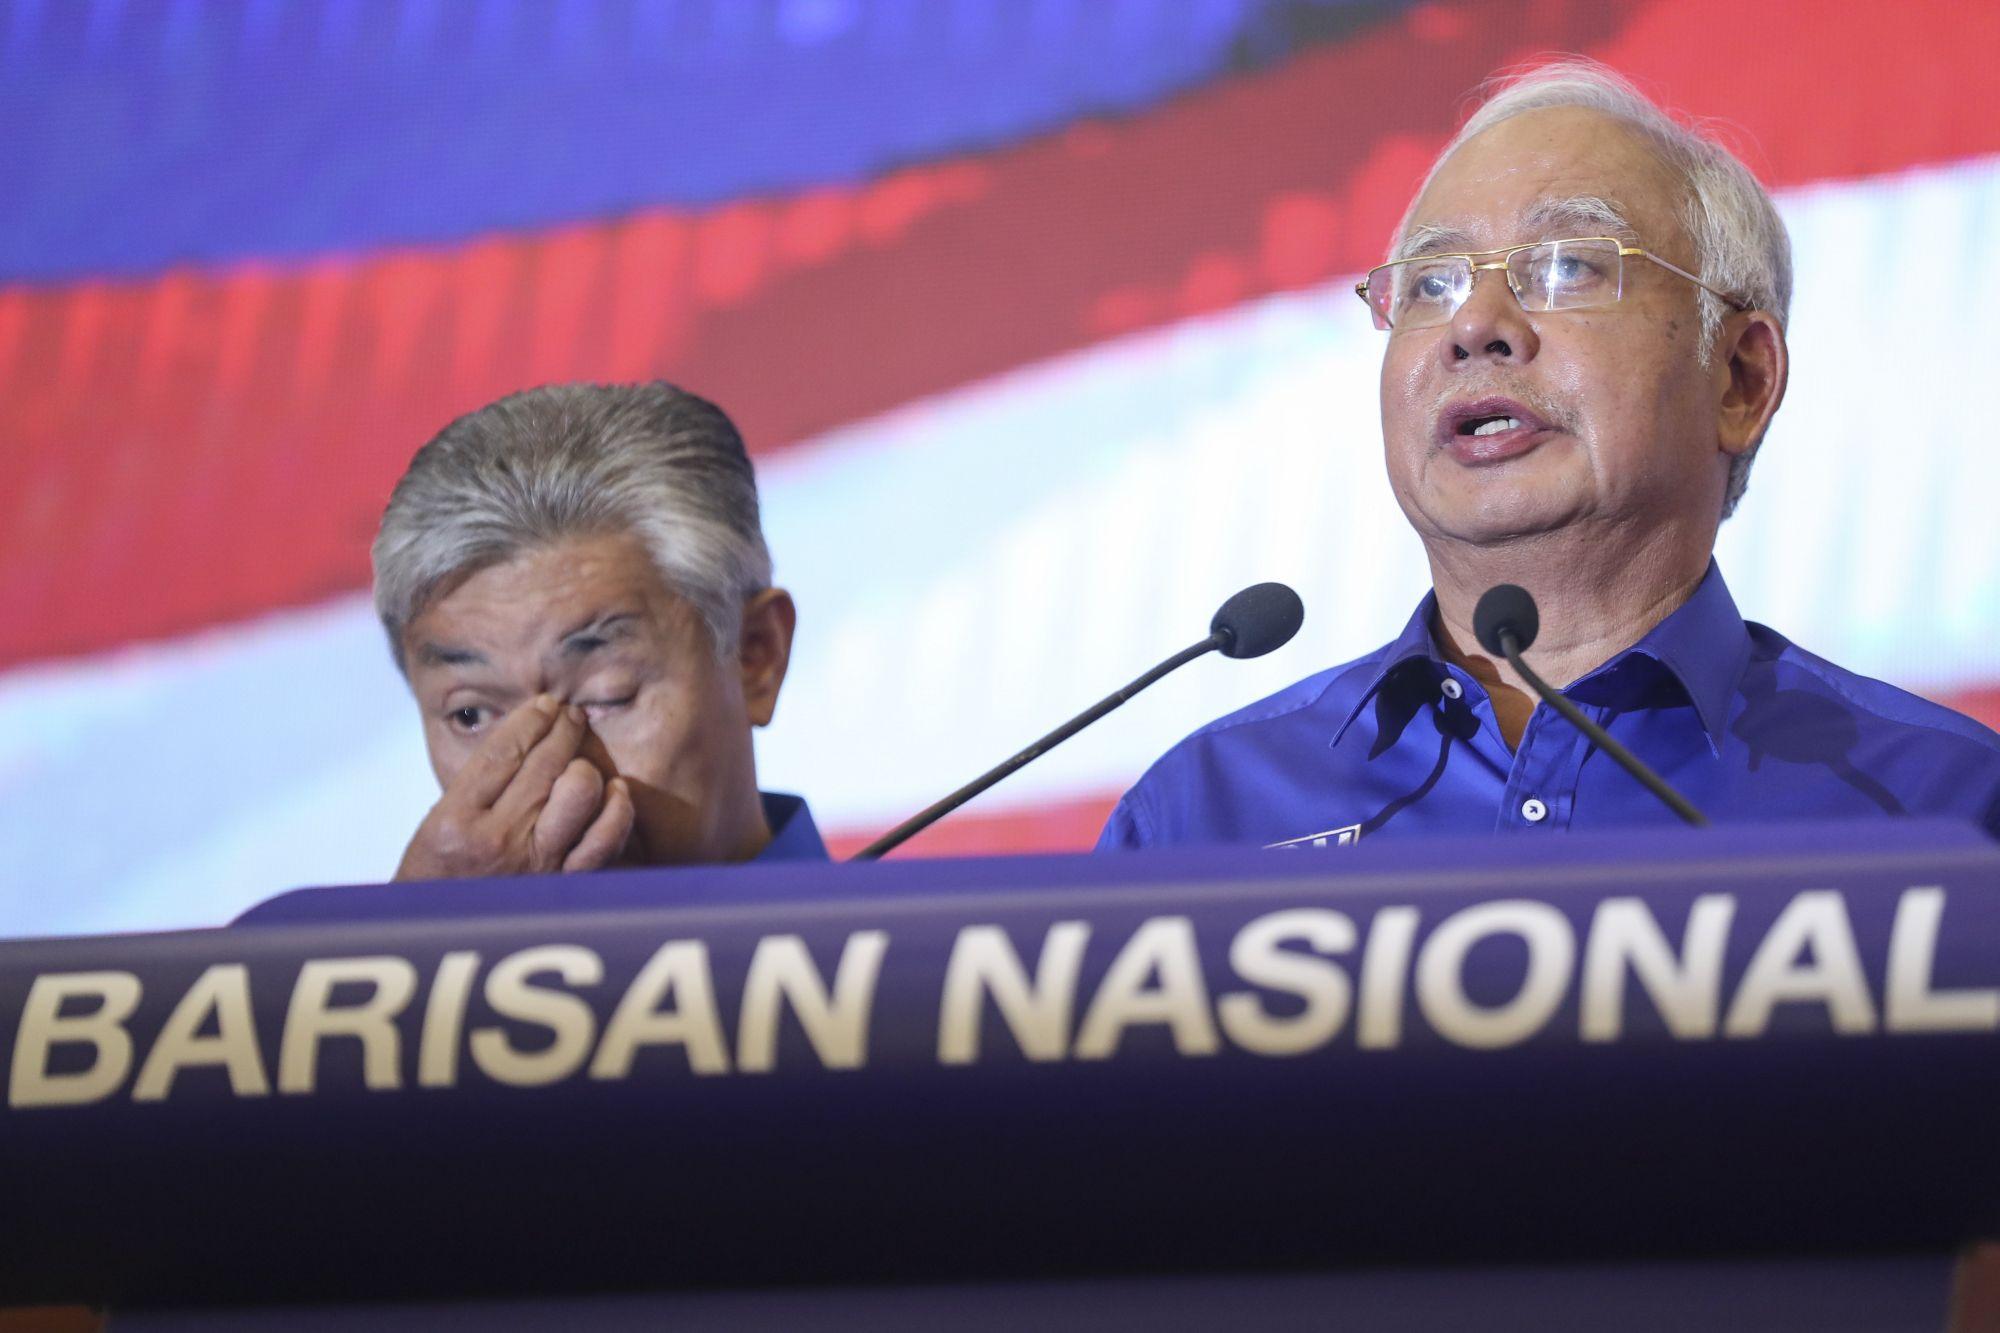 Najib Razak leköszönő malajziai kormányfő sajtótájékoztatót tart Kuala Lumpurban 2018. május 10-én, miután az általa vezetett Barisan Nasional (BN, Nemzeti Front) elveszítette az előző napi előrehozott parlamenti választásokat a 92 éves Mahathir Mohamad volt malajziai miniszterelnök vezette ellenzéki Pakatan Harapannal (PN, a Remény Szövetsége) szemben. (MTI/EPA/Fazry Ismail)